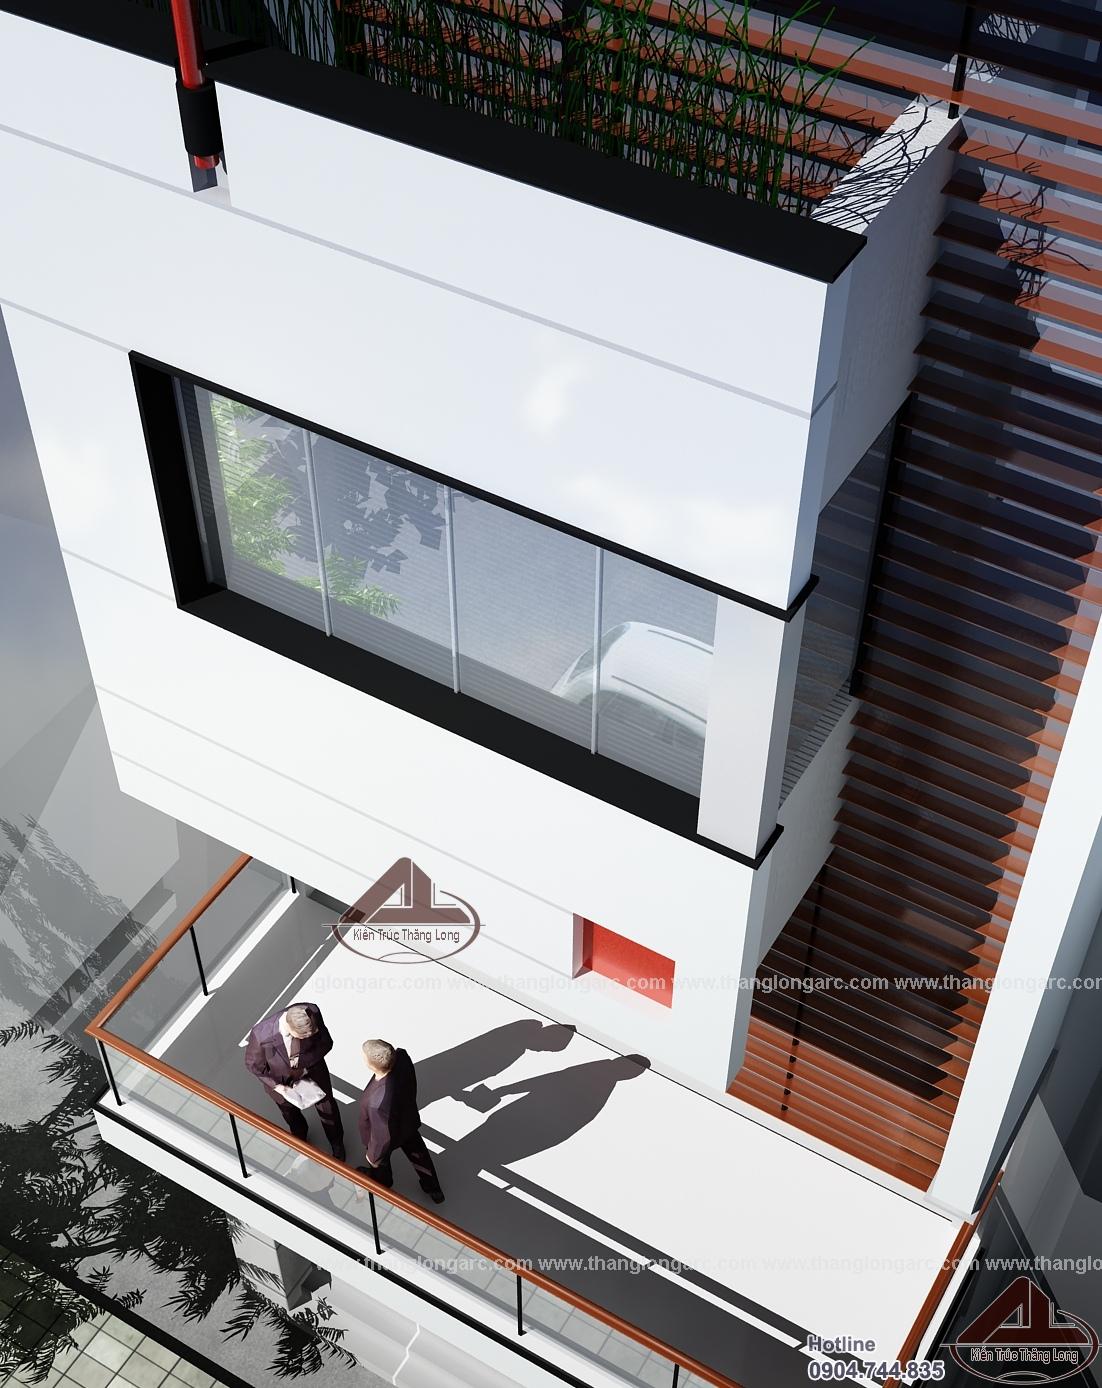 Mẫu nhà phố đẹp hiện đại 4 tầng TL-P1421 view 4